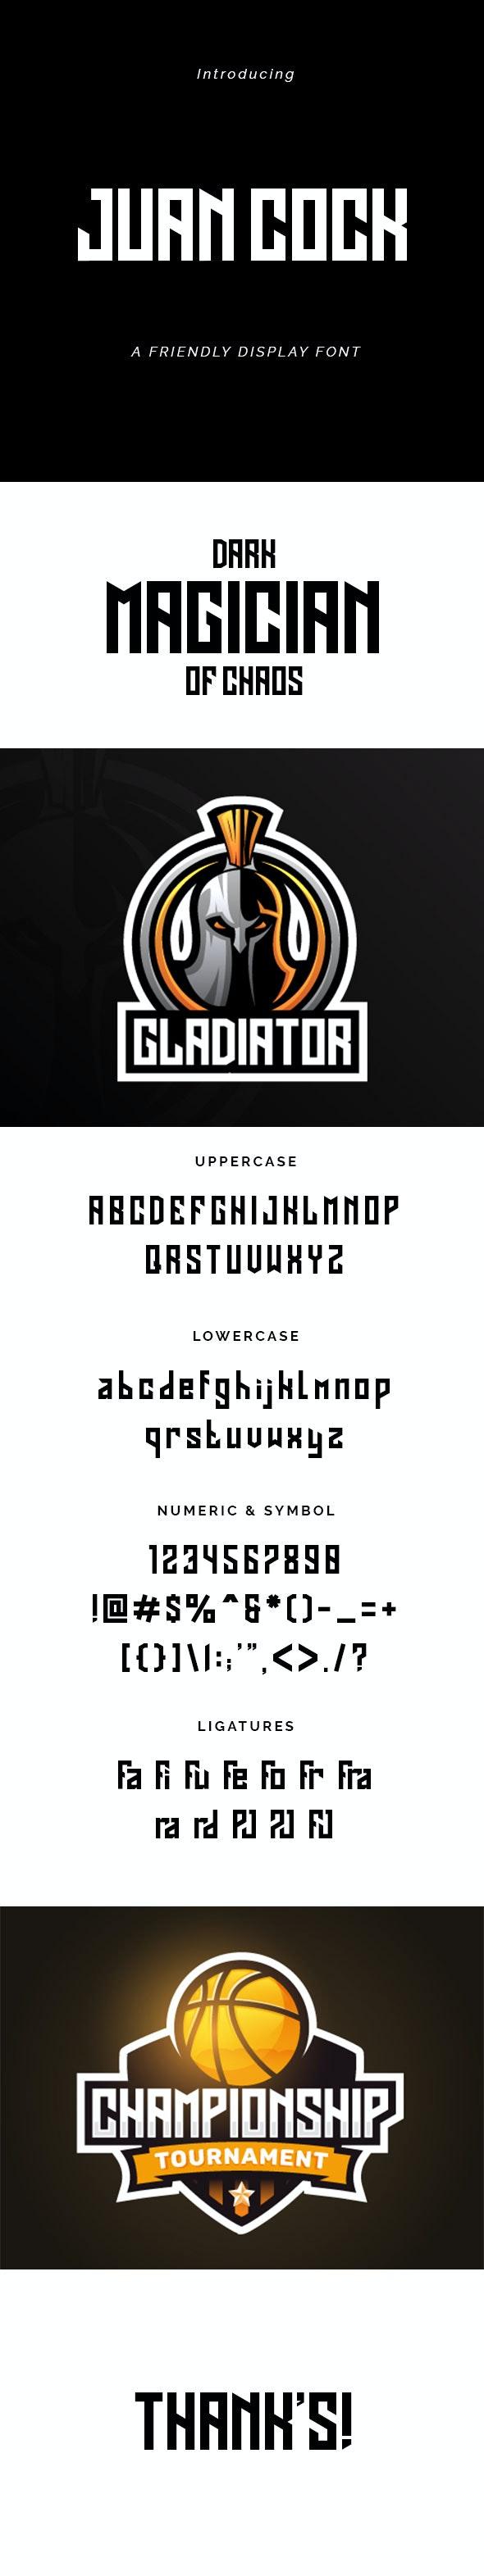 Juan Cock Font - Cool Fonts